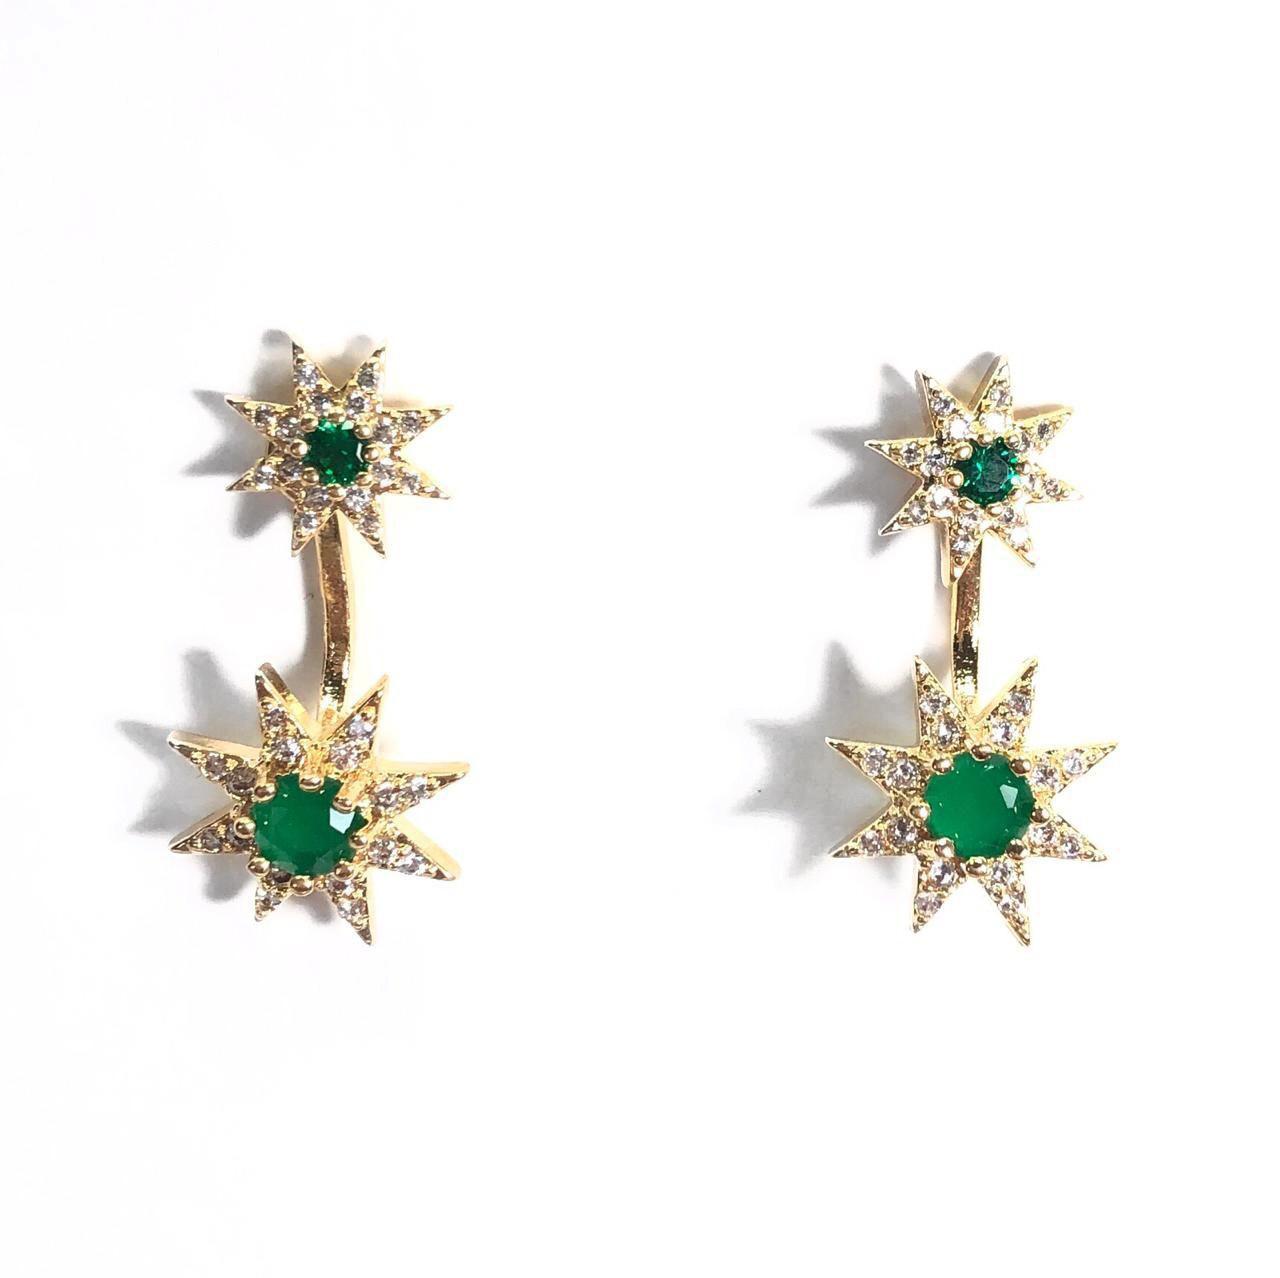 Brinco Estrela Verde Zircônias Branca Cravejadas Banho em Ouro 18k